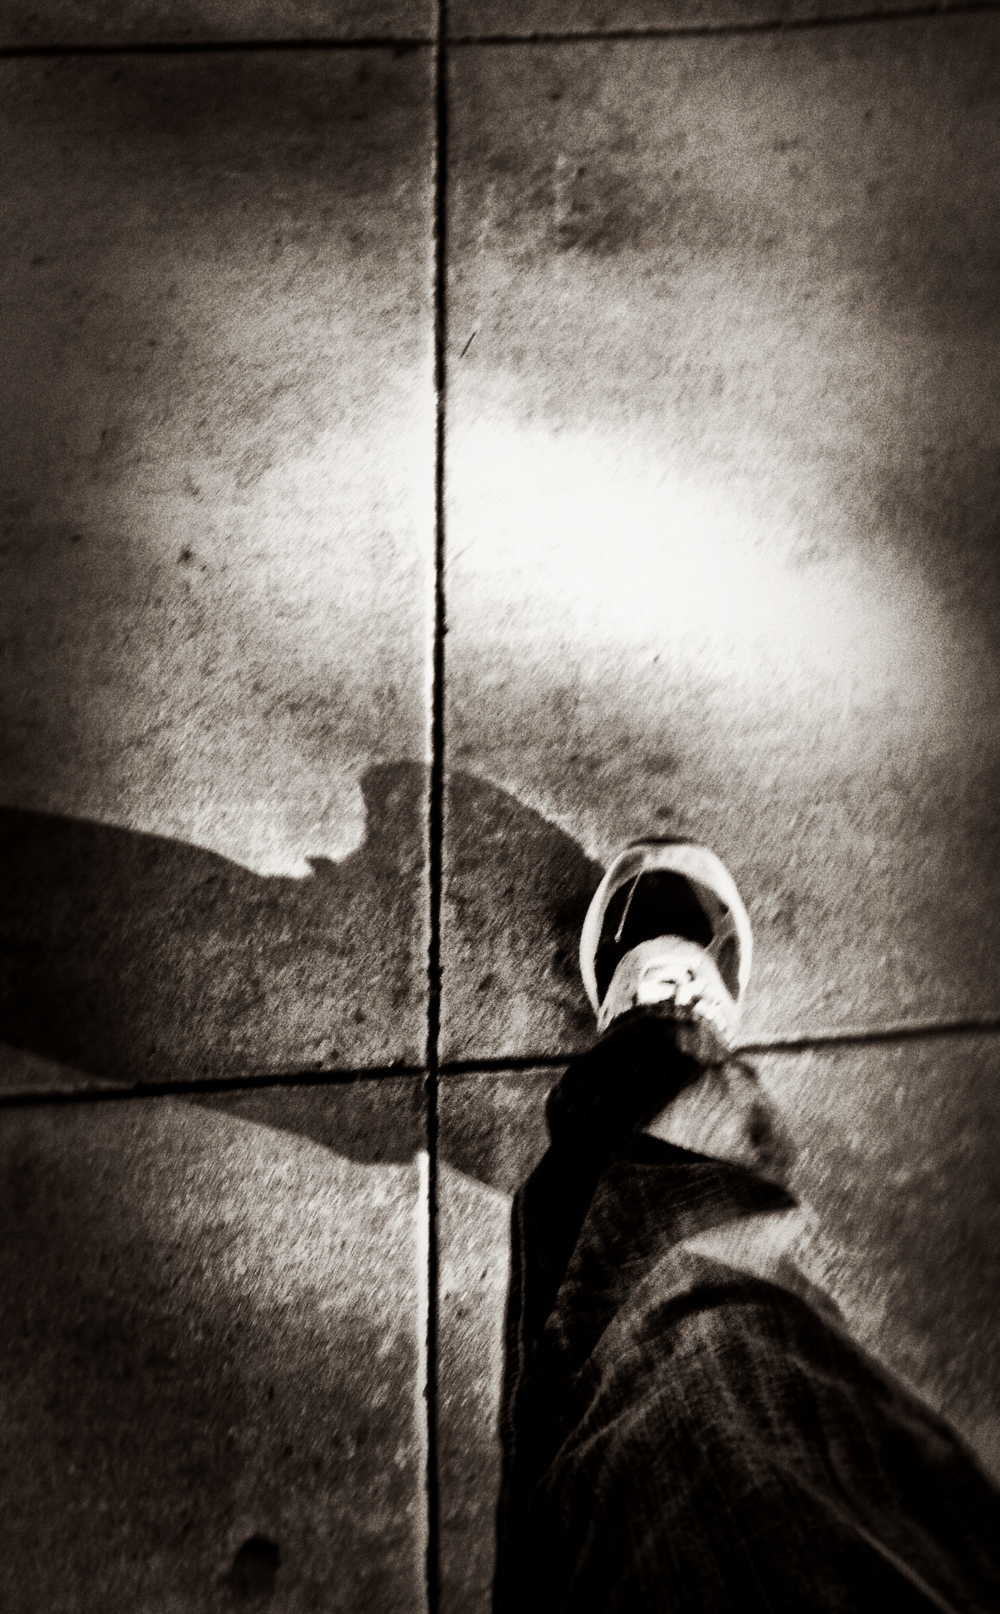 2012-01-11 09.59.15-2.jpg